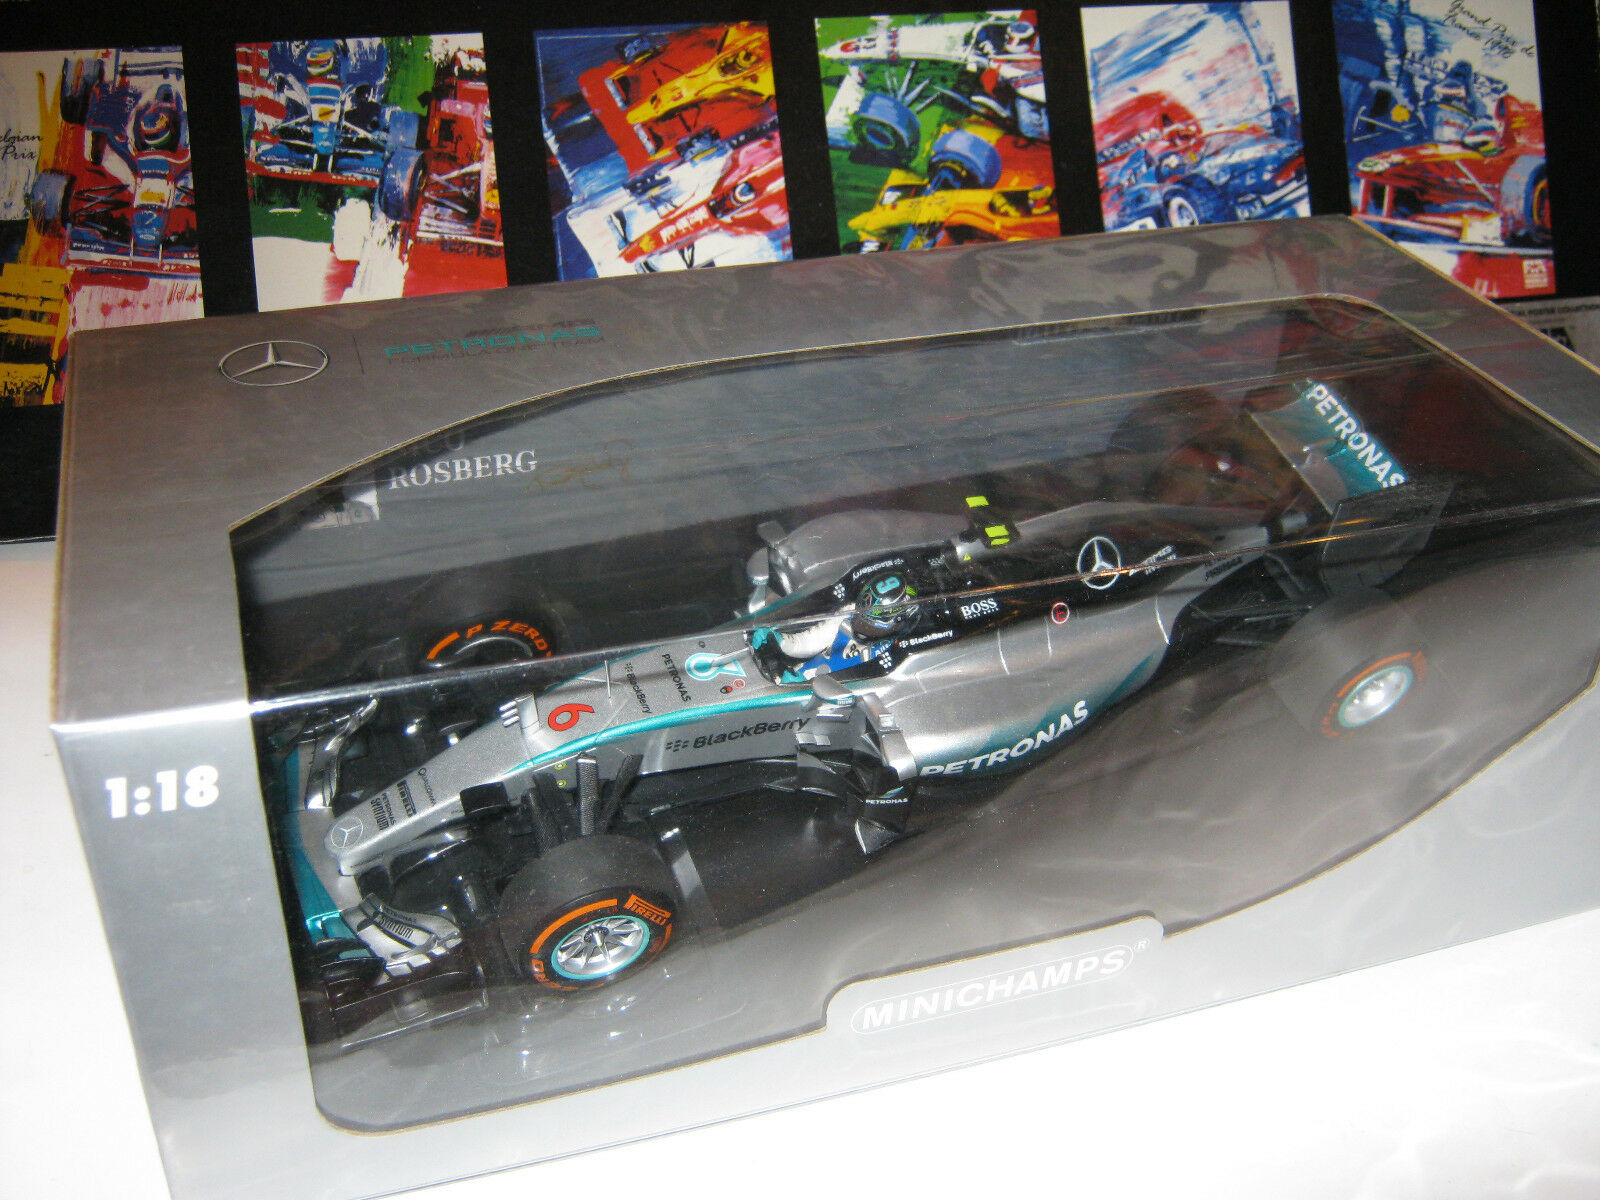 1 18 MERCEDES AMG w06 N. Rosberg Giappone GP 2015 110150206 L.E. Minichamps OVP NEW